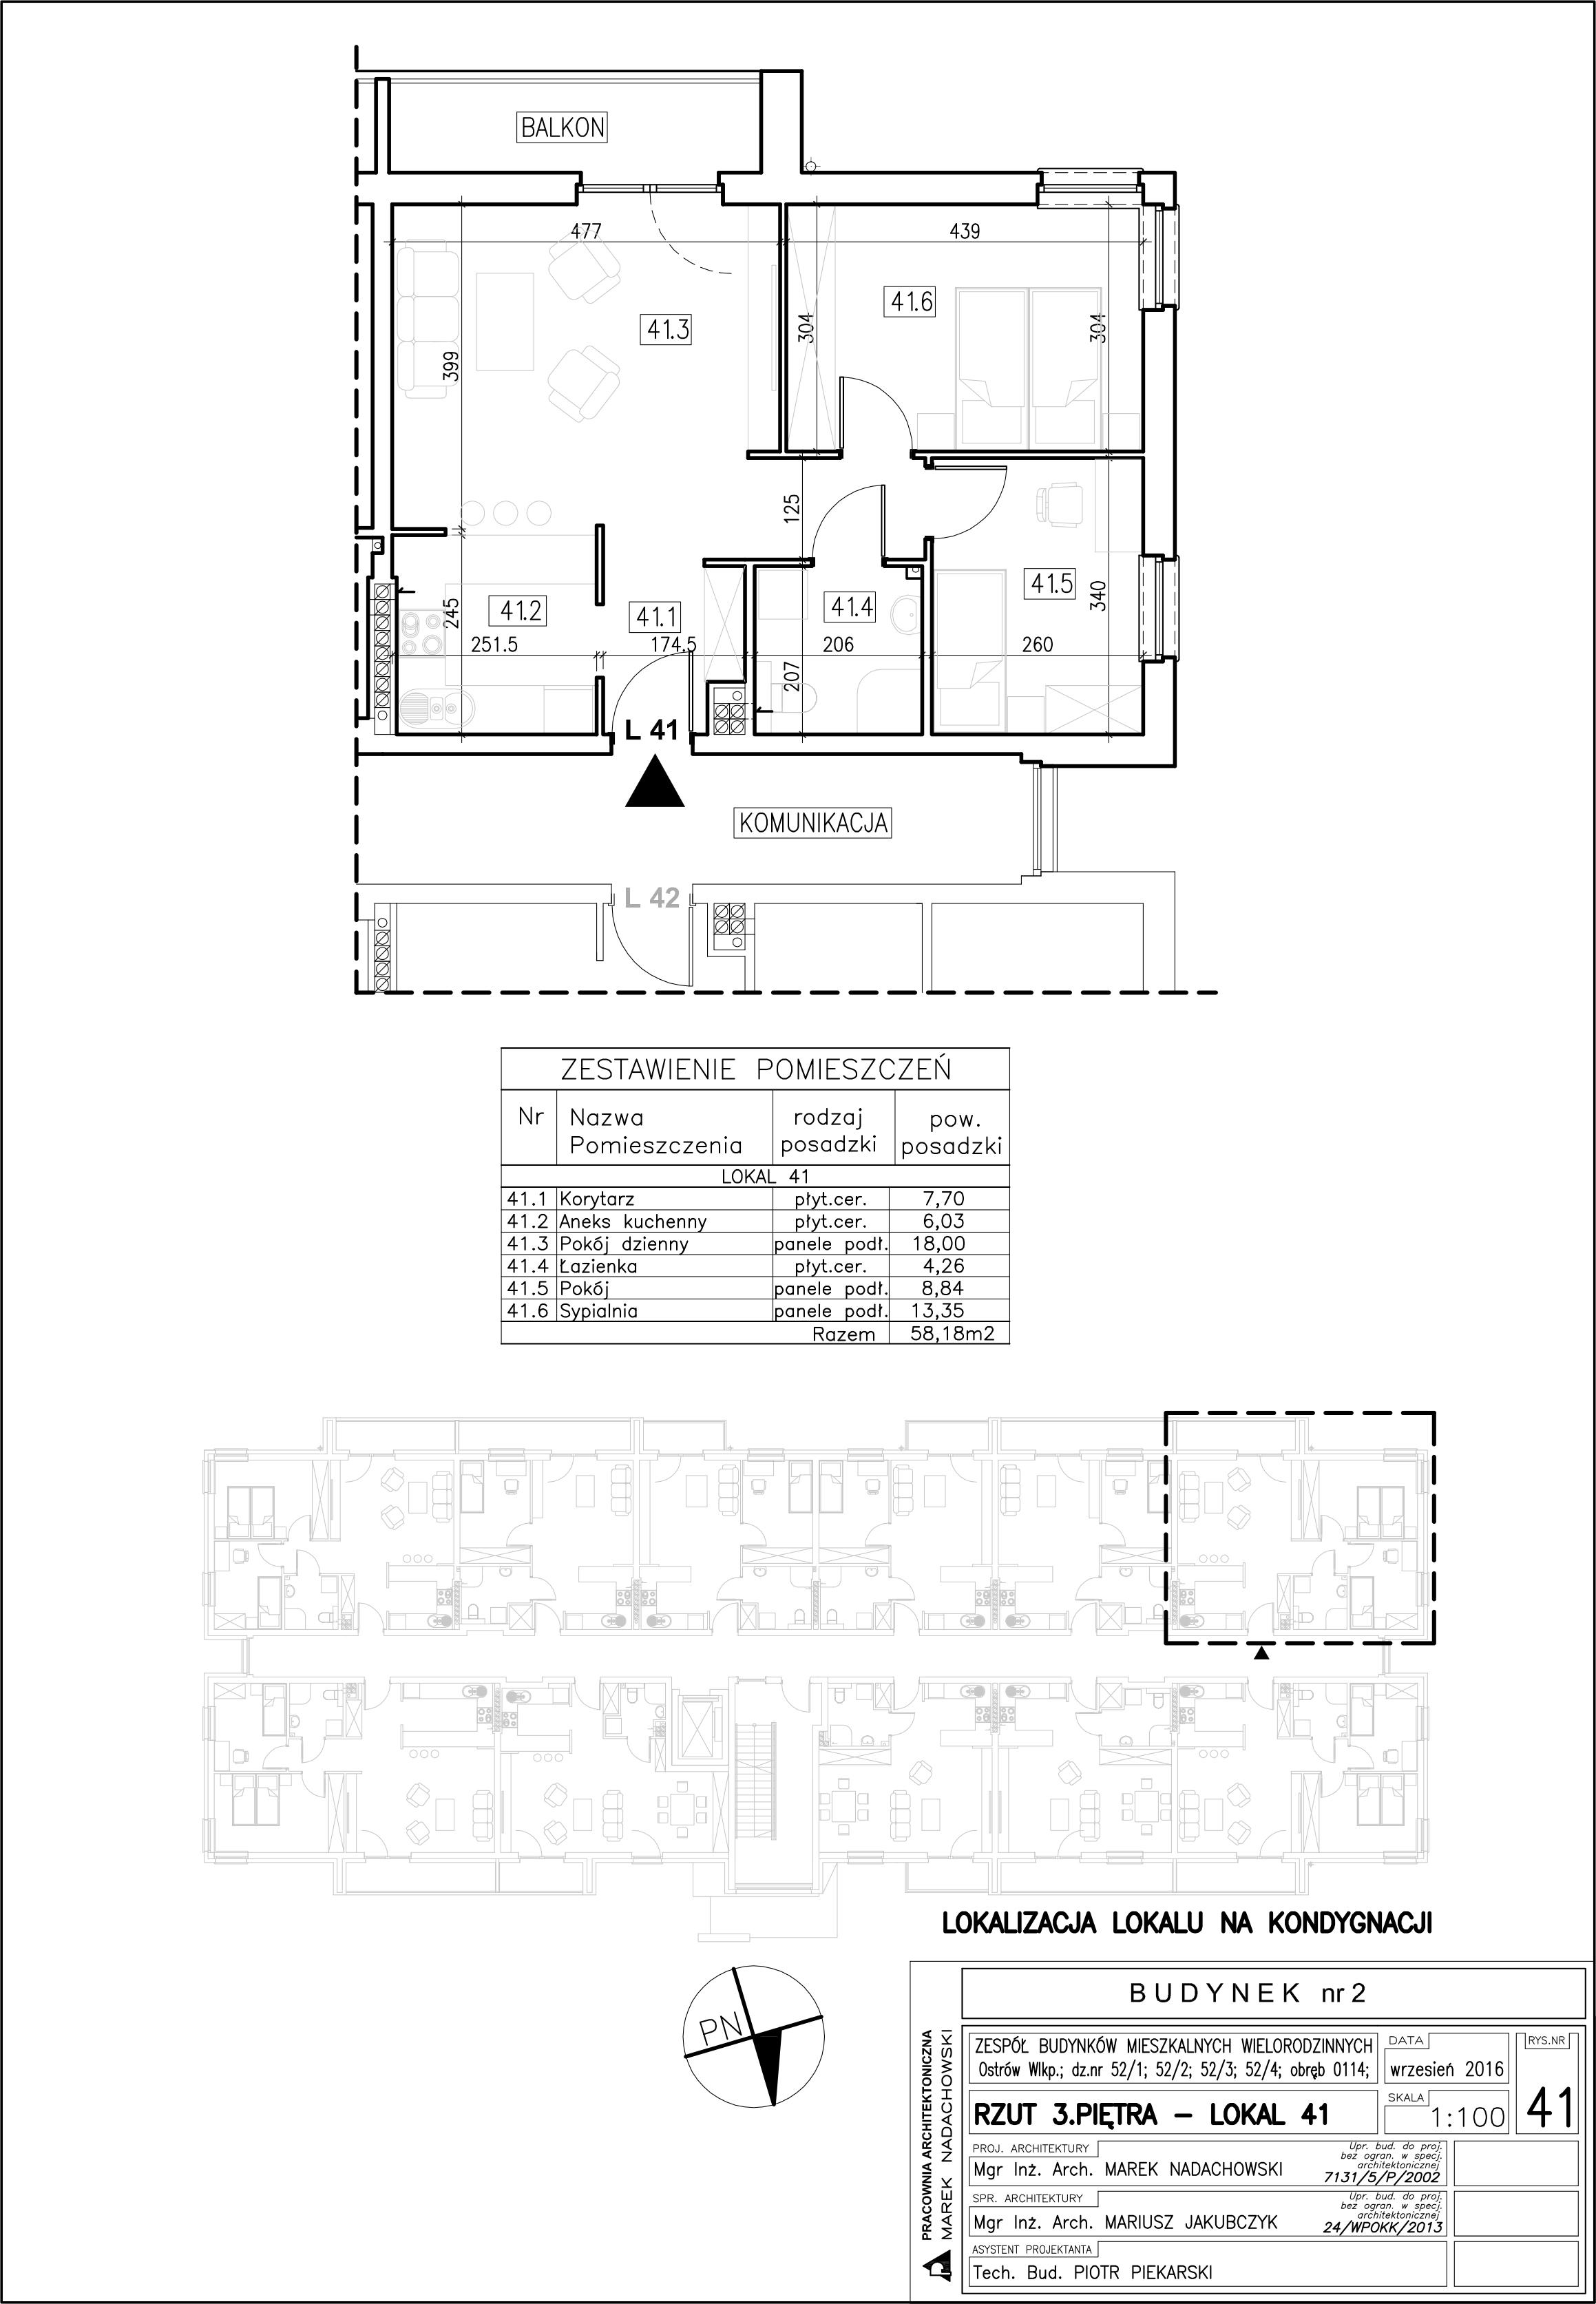 Lokal nr 41 Powierzchnia: 58,18 m2